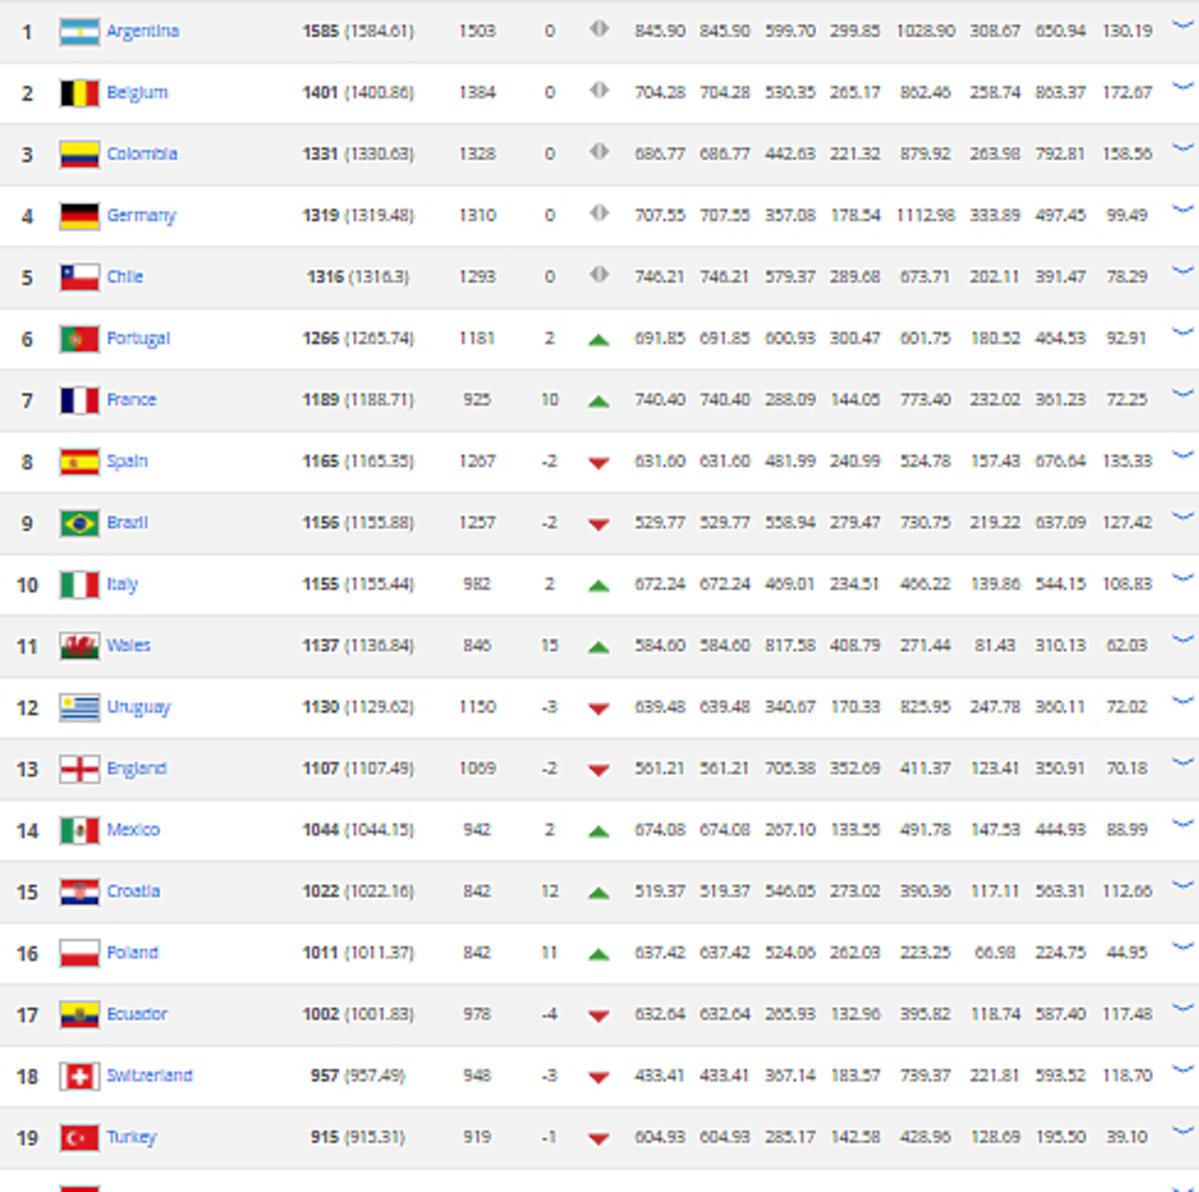 Najnowszy ranking FIFA - na którym Polska?